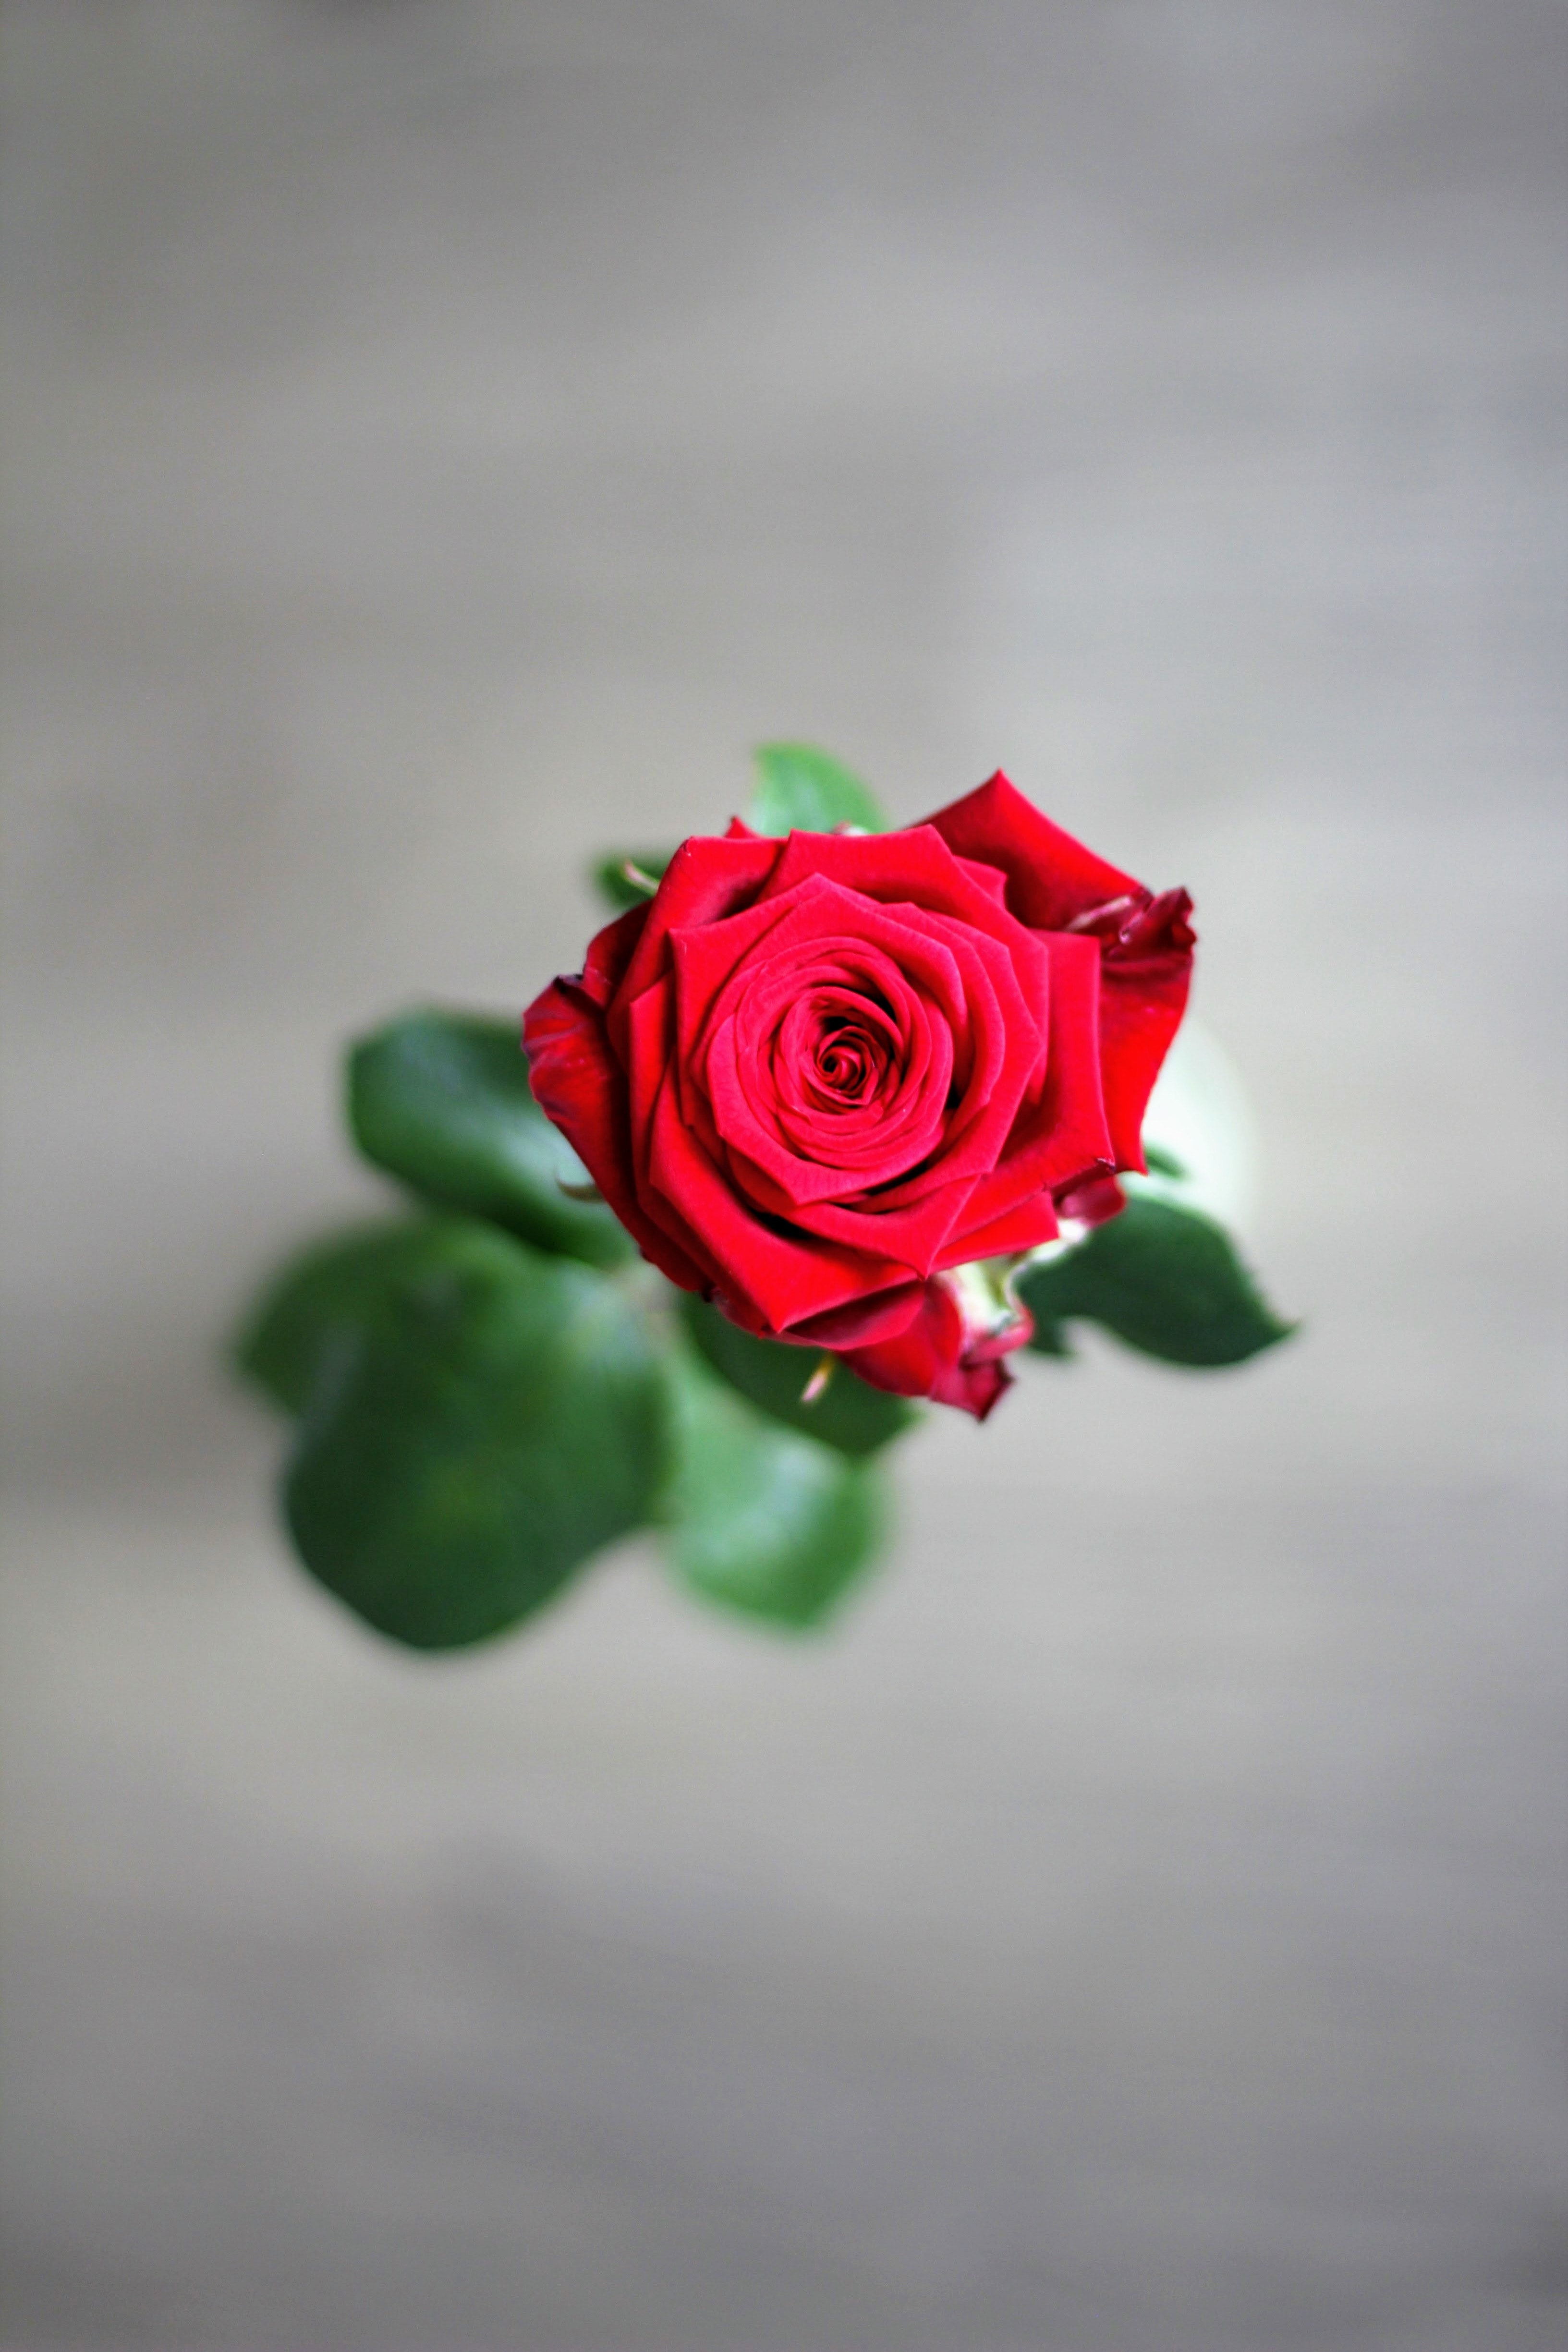 pink rose free stock photo